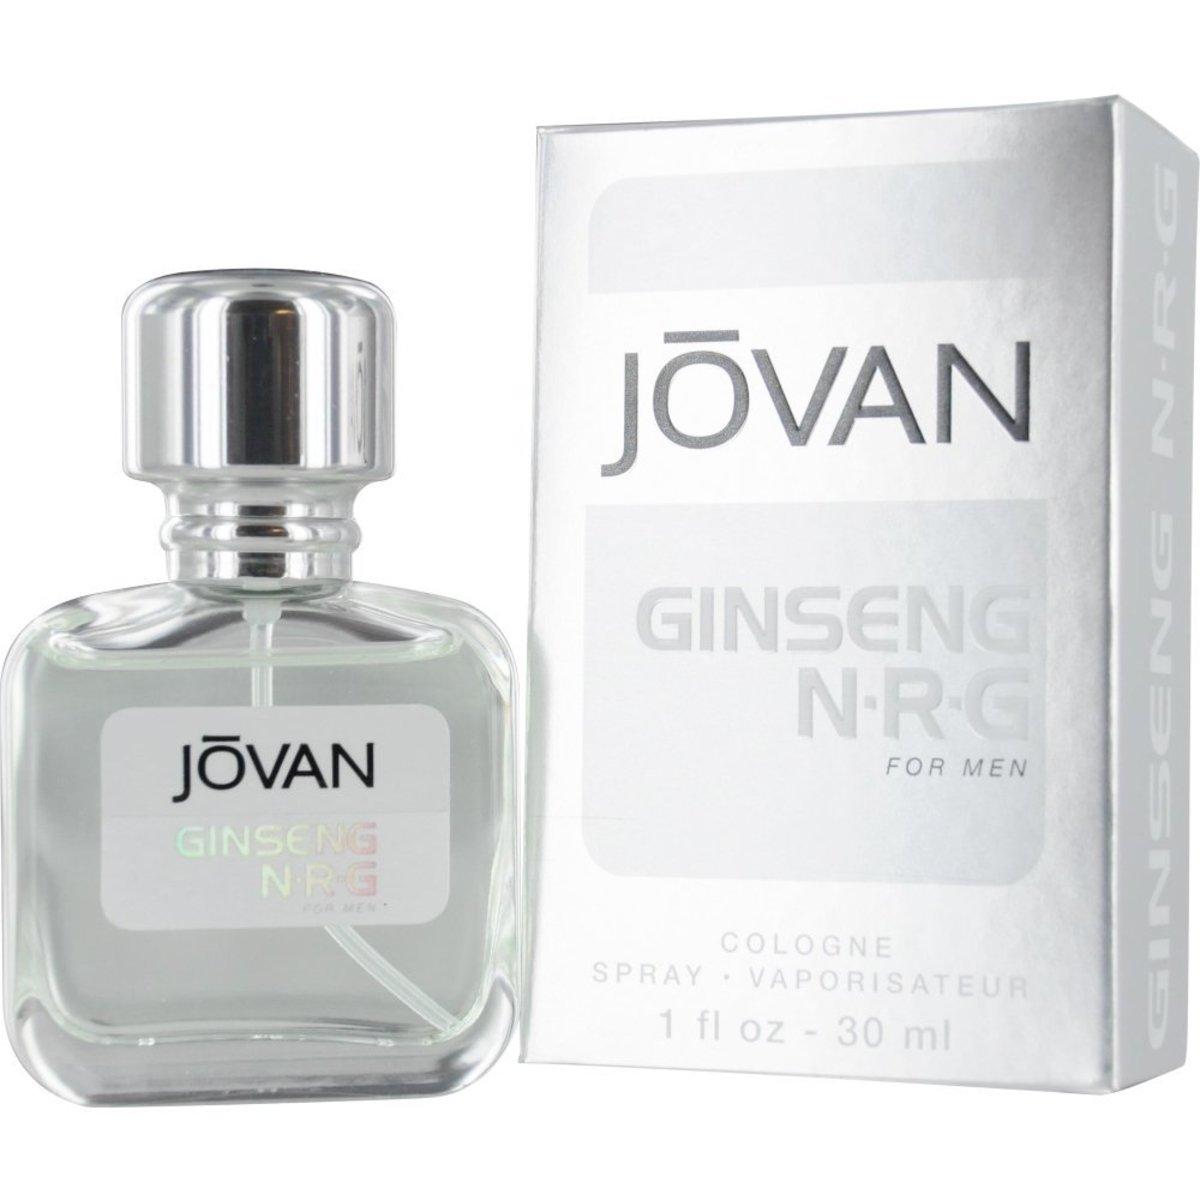 Jovan Ginseng NRG Fragrance